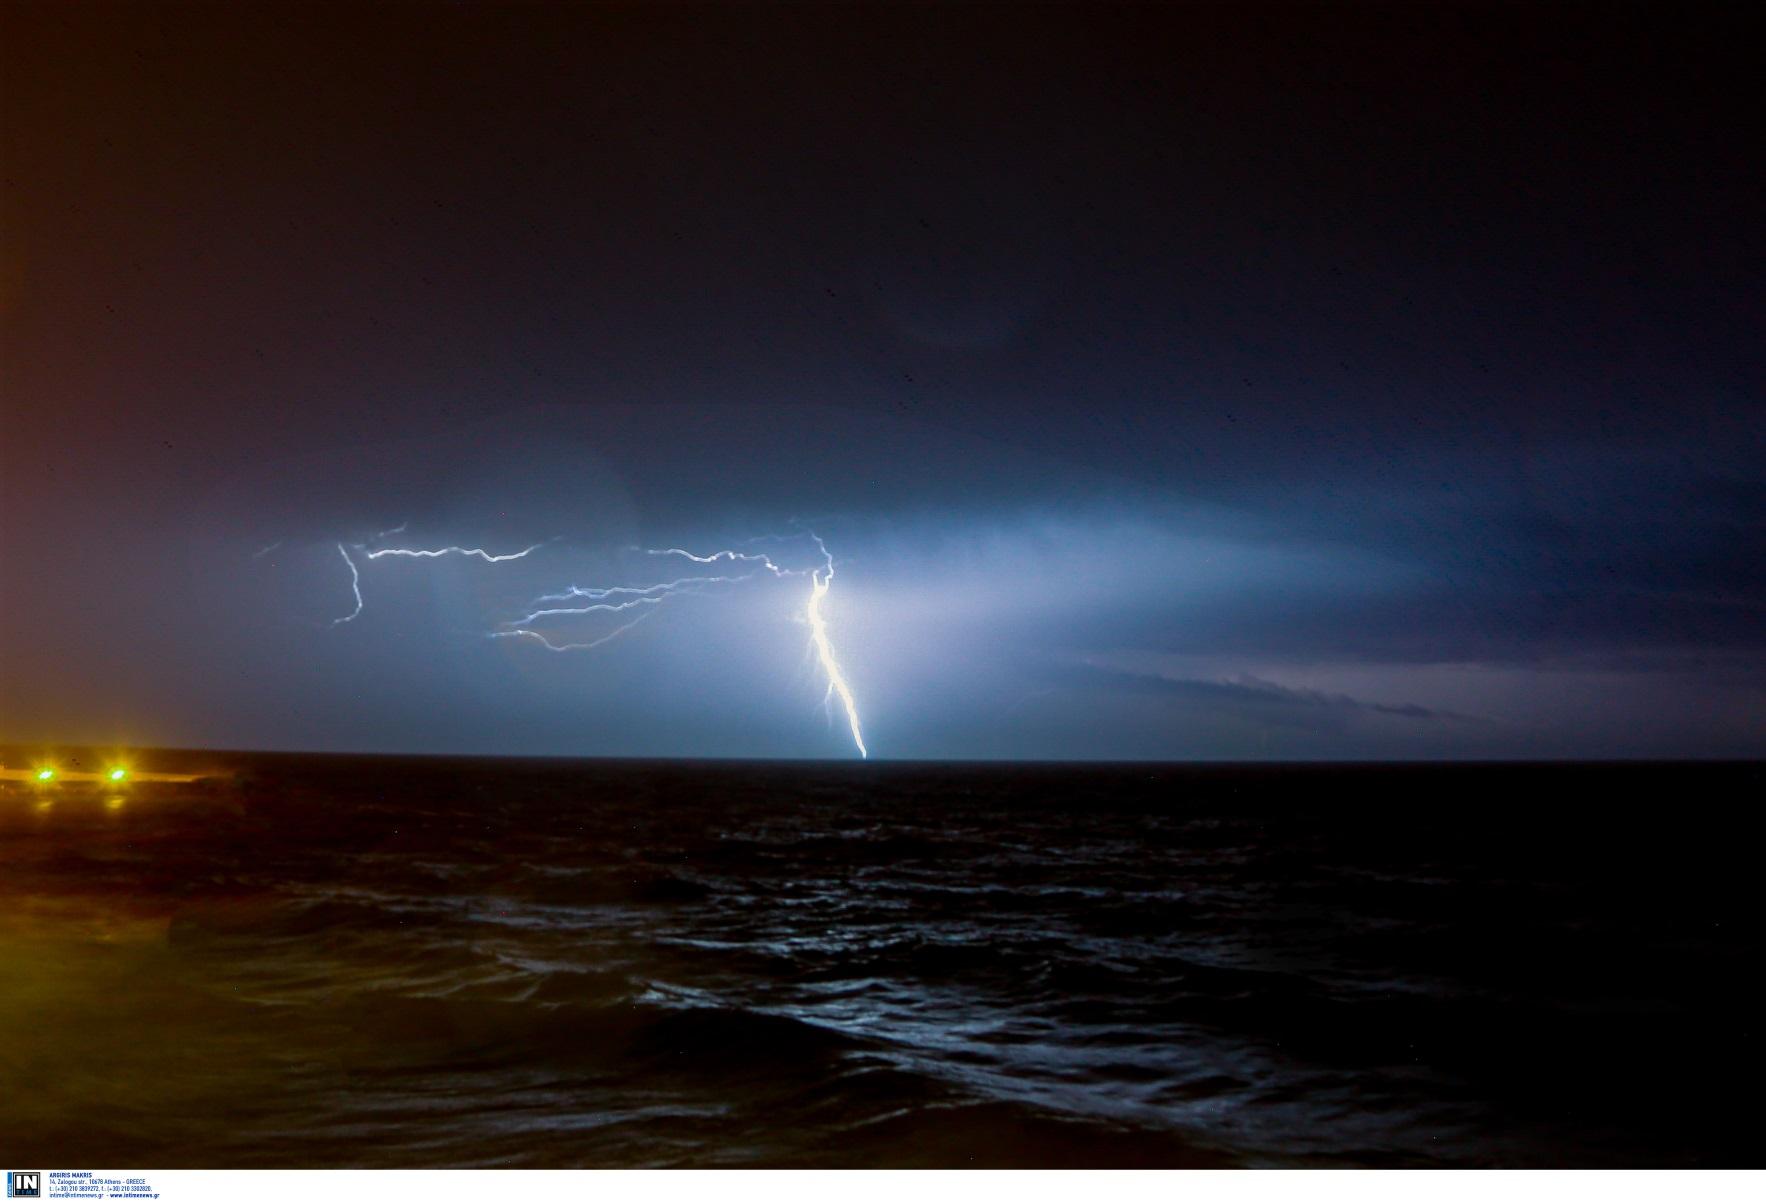 Καιρός σήμερα – Κακοκαιρία «Αθηνά»: Ισχυρές βροχές, μπόρες και χαλάζι